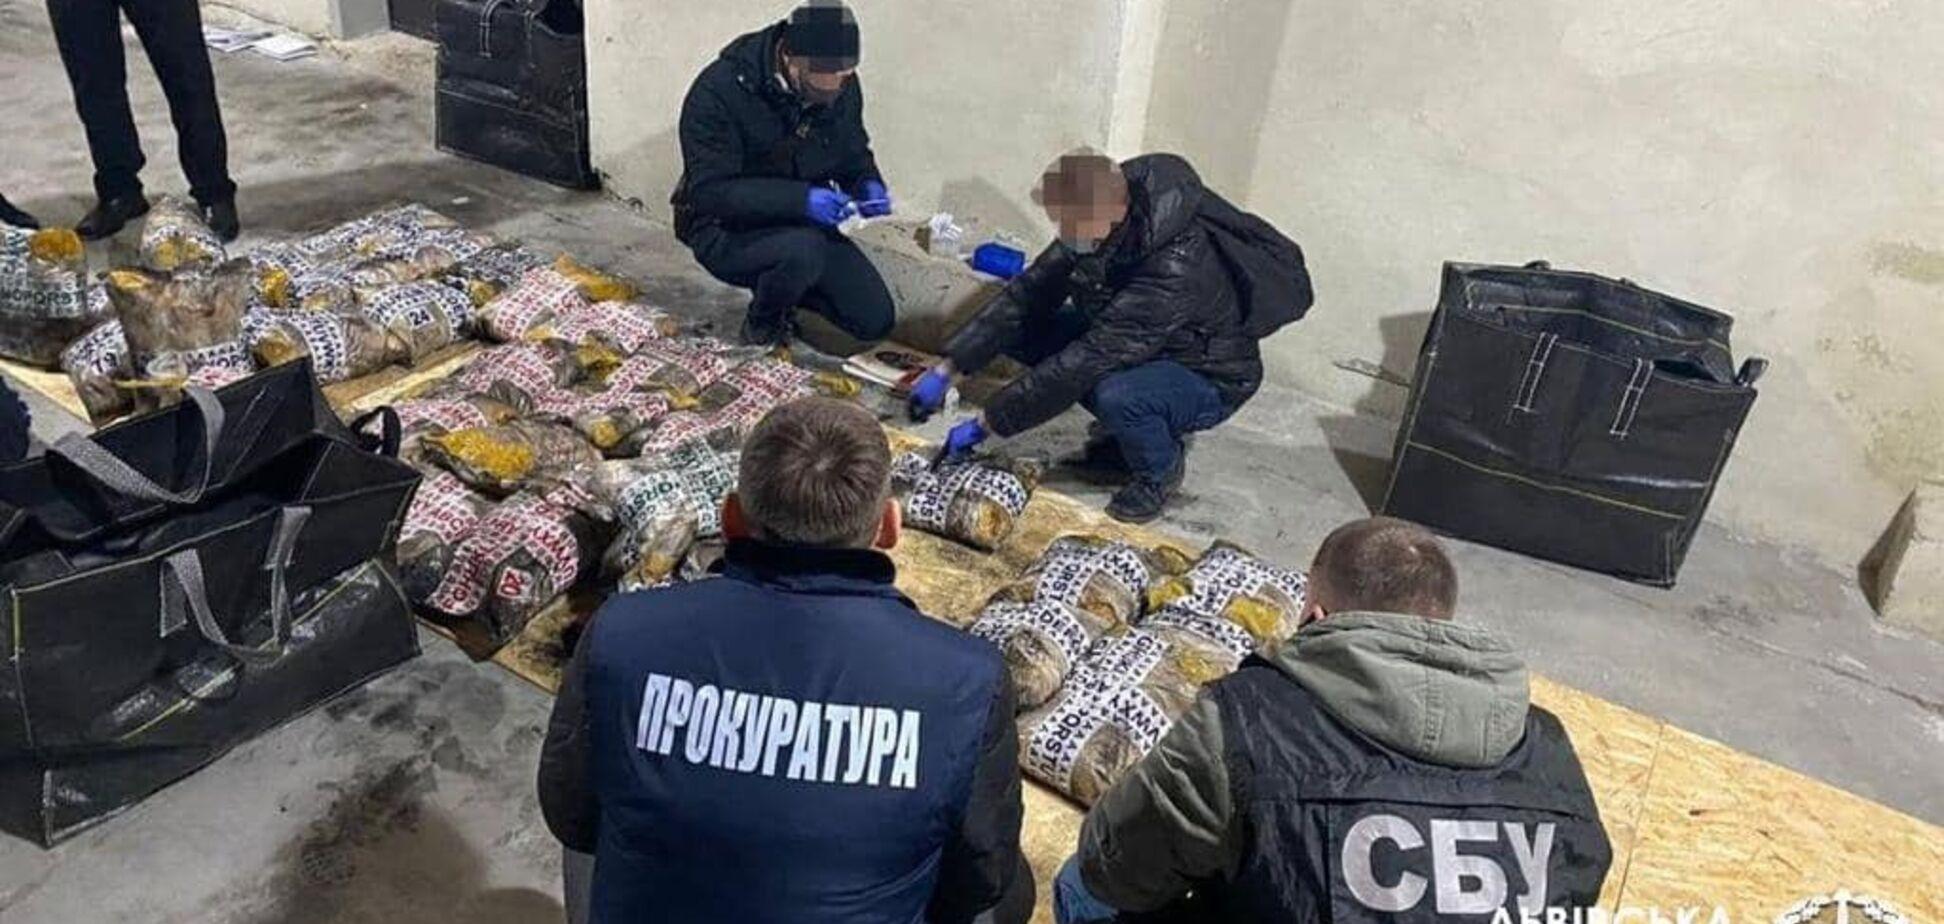 Во Львове изъяли рекордную партию героина на 2,3 млрд грн. Фото